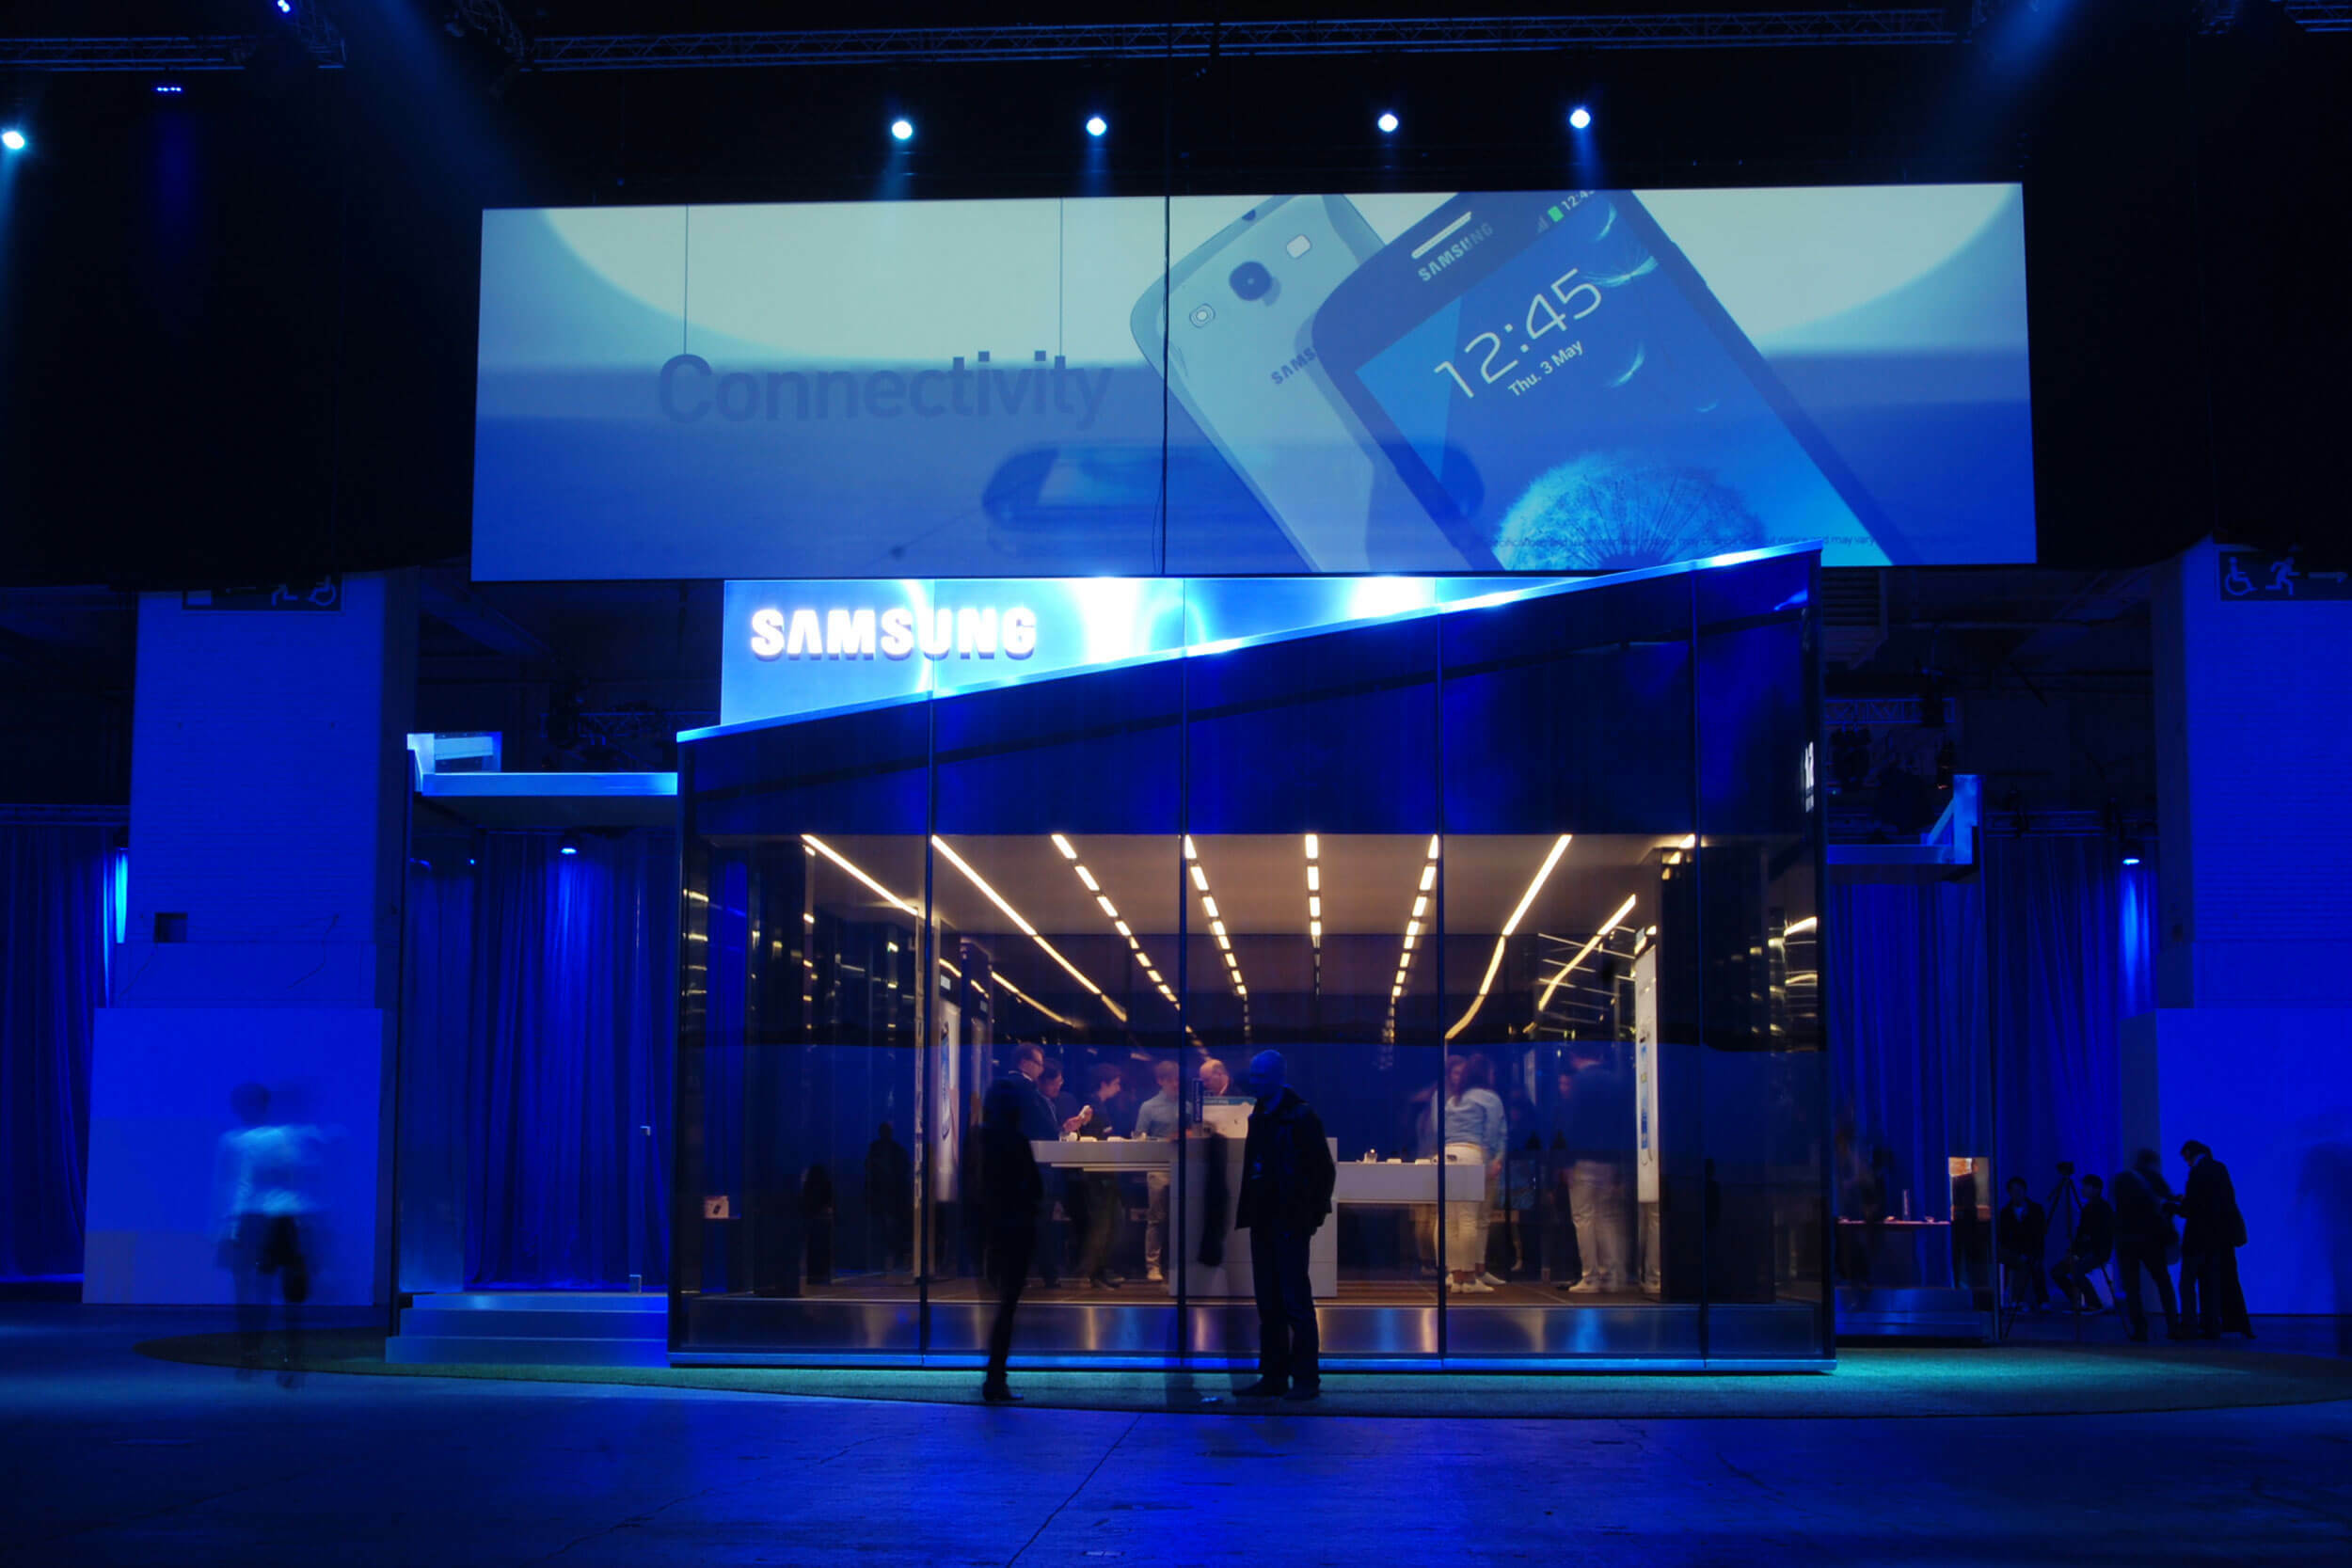 Blau ausgeleuchteter Bereich des Samsung Olympic Parks